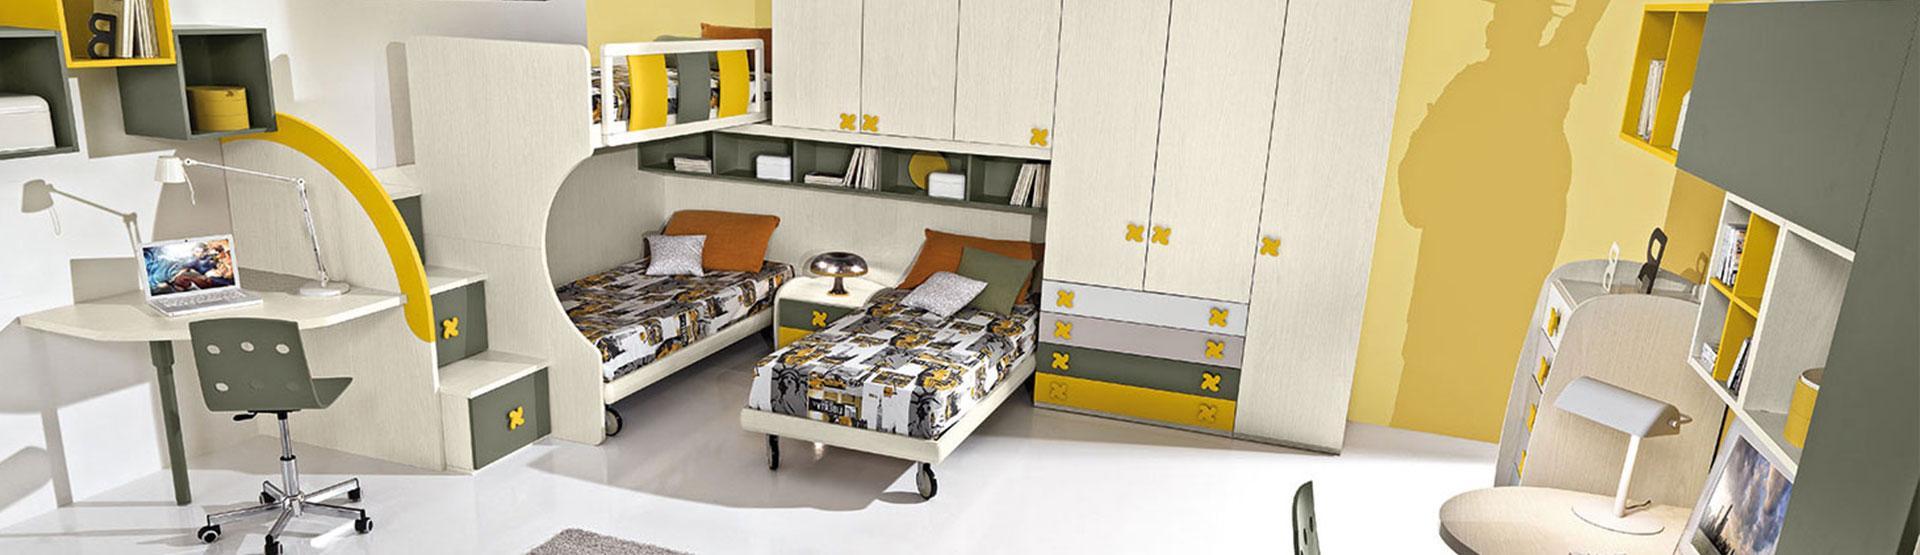 Progettazione mobili arpaia benevento decus sais - Voltan mobili rivenditori ...